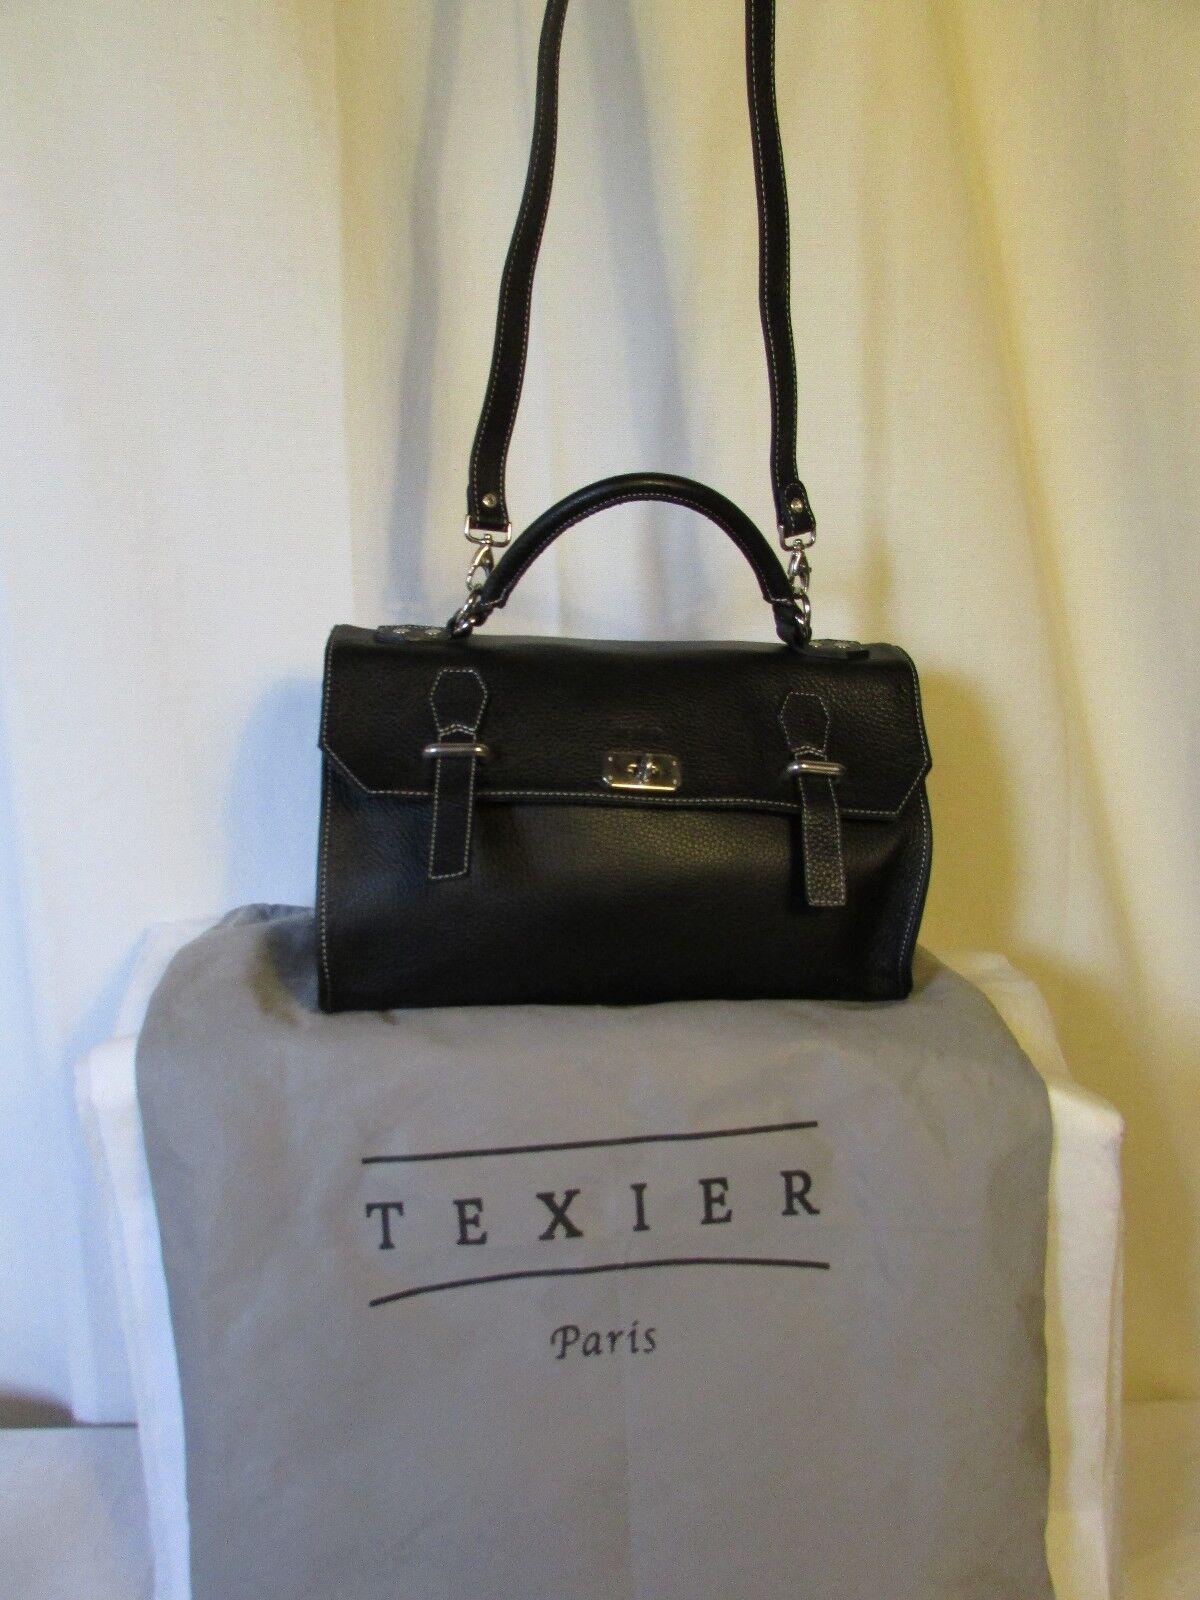 Tasche TEXIER TEXIER TEXIER Leder gemasert schwarz   Exzellente Verarbeitung  6e4bfd